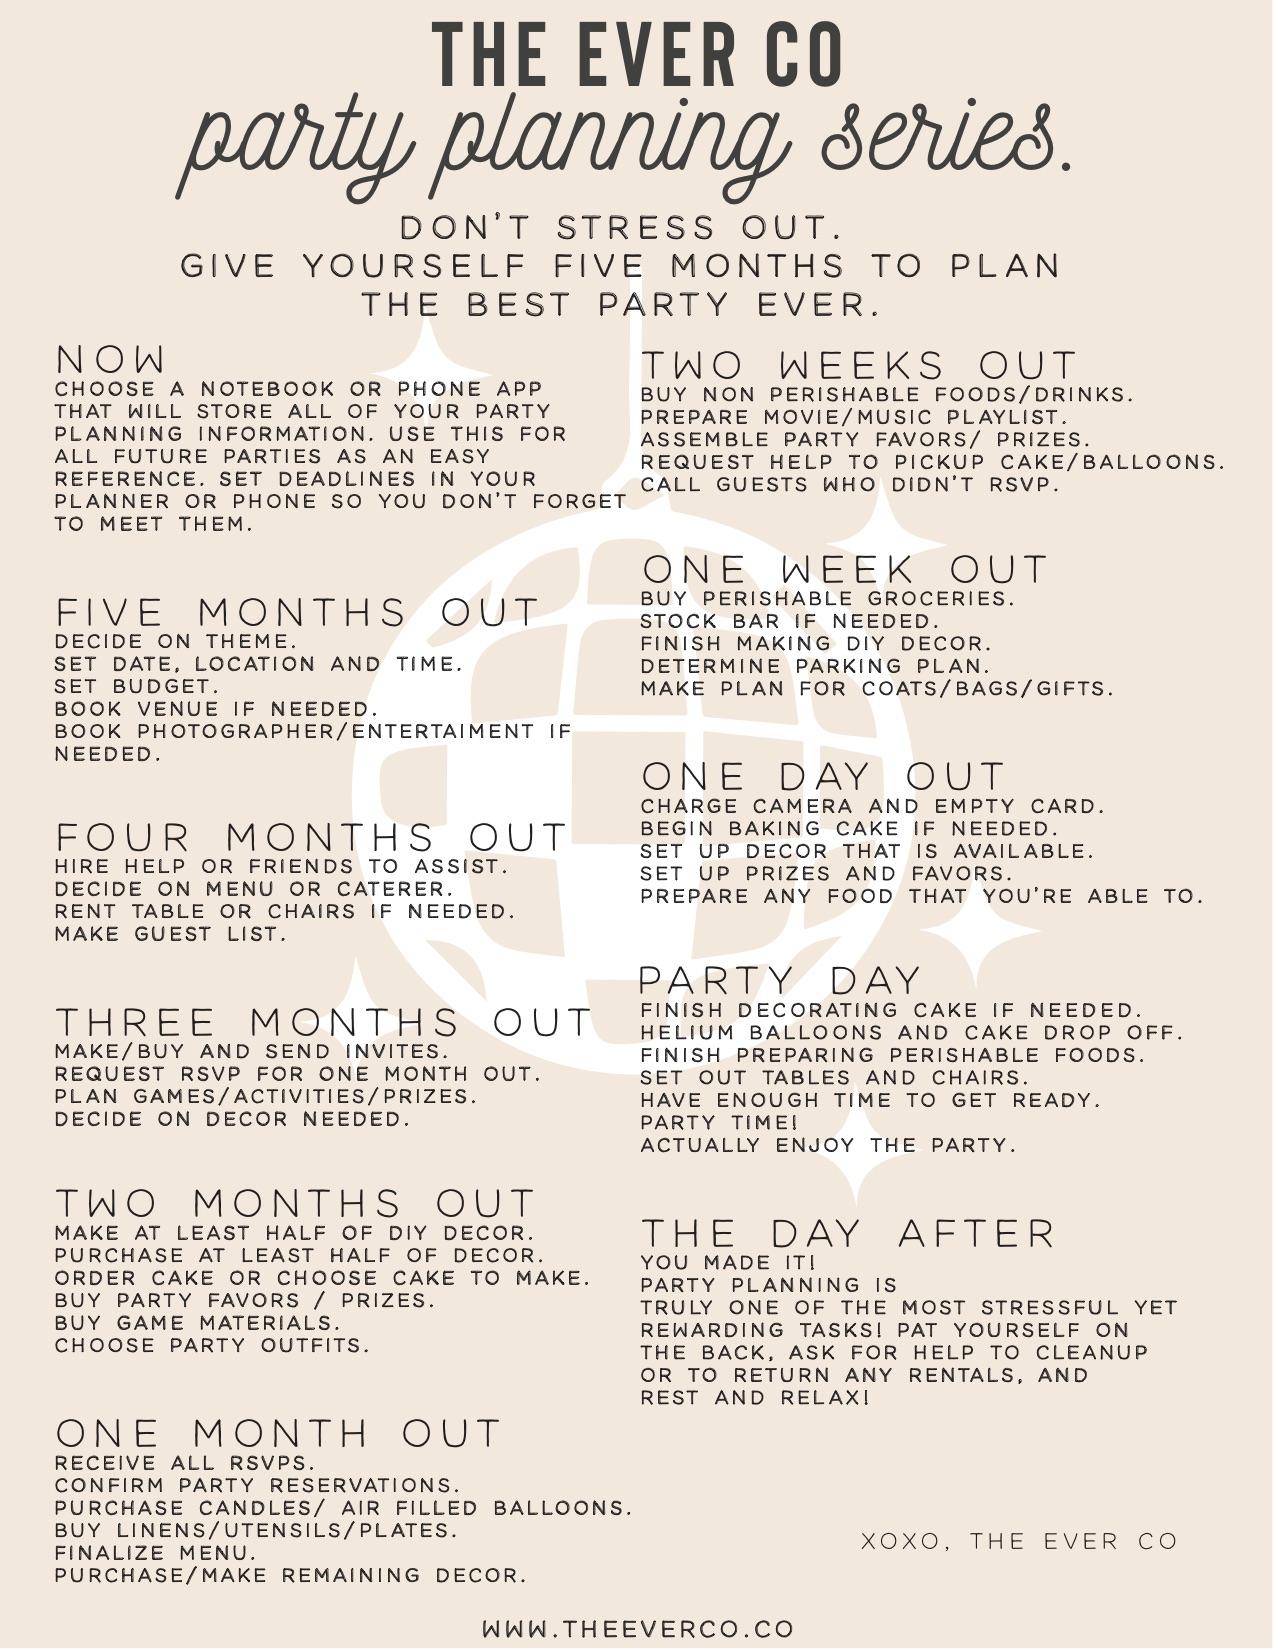 party plan checklist copy.jpg